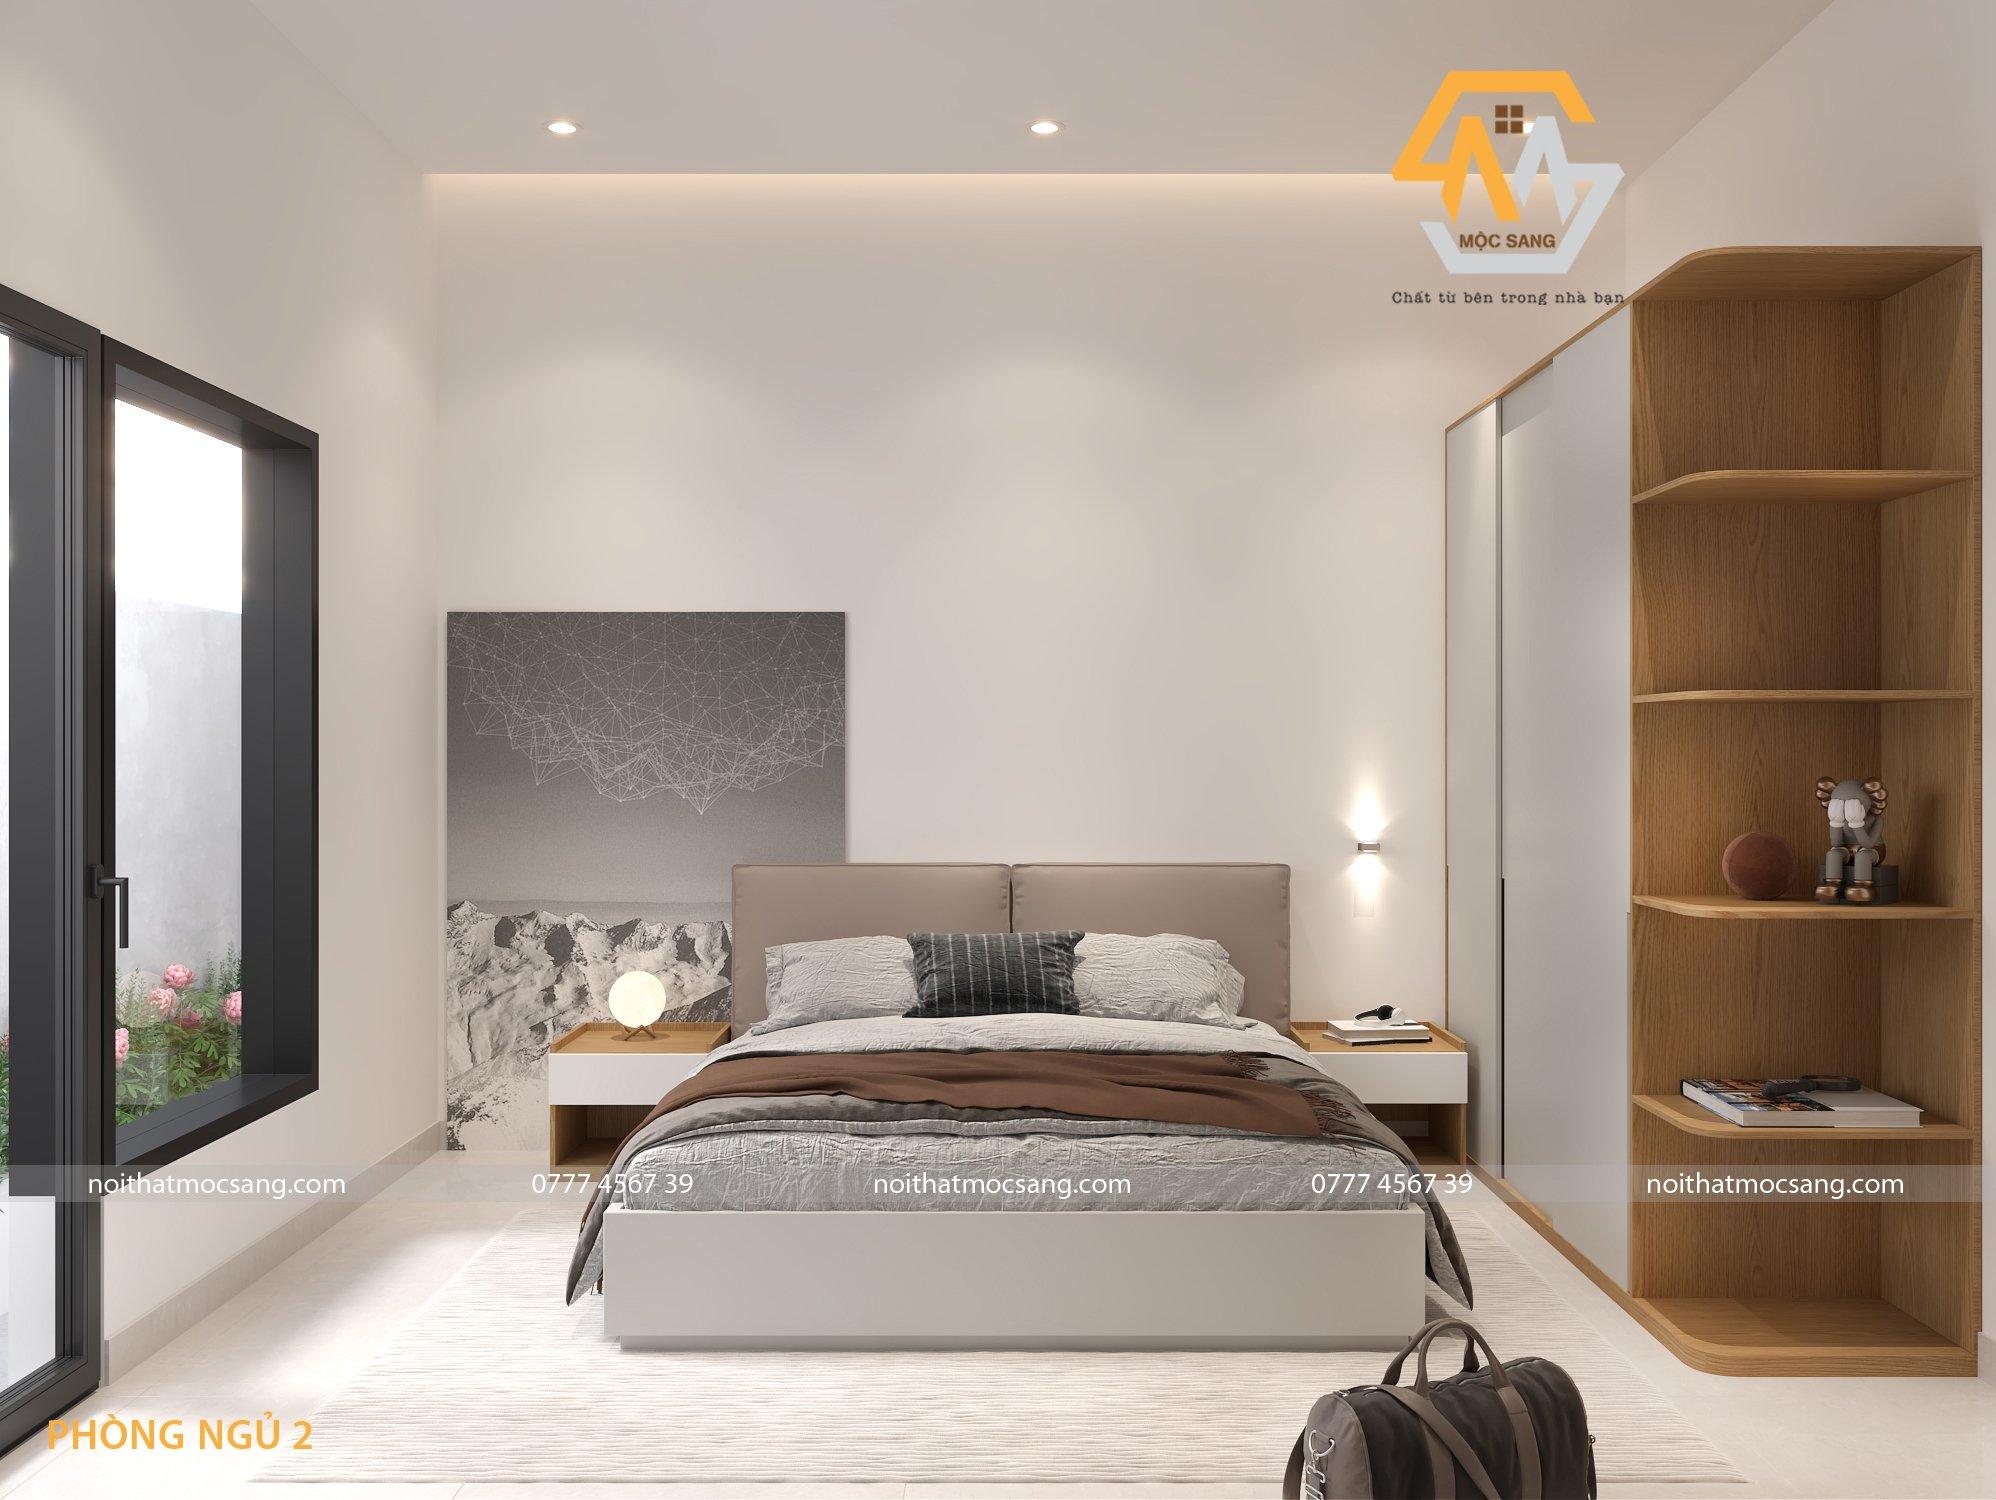 thiết kế nội thất ở Quảng Ngãi